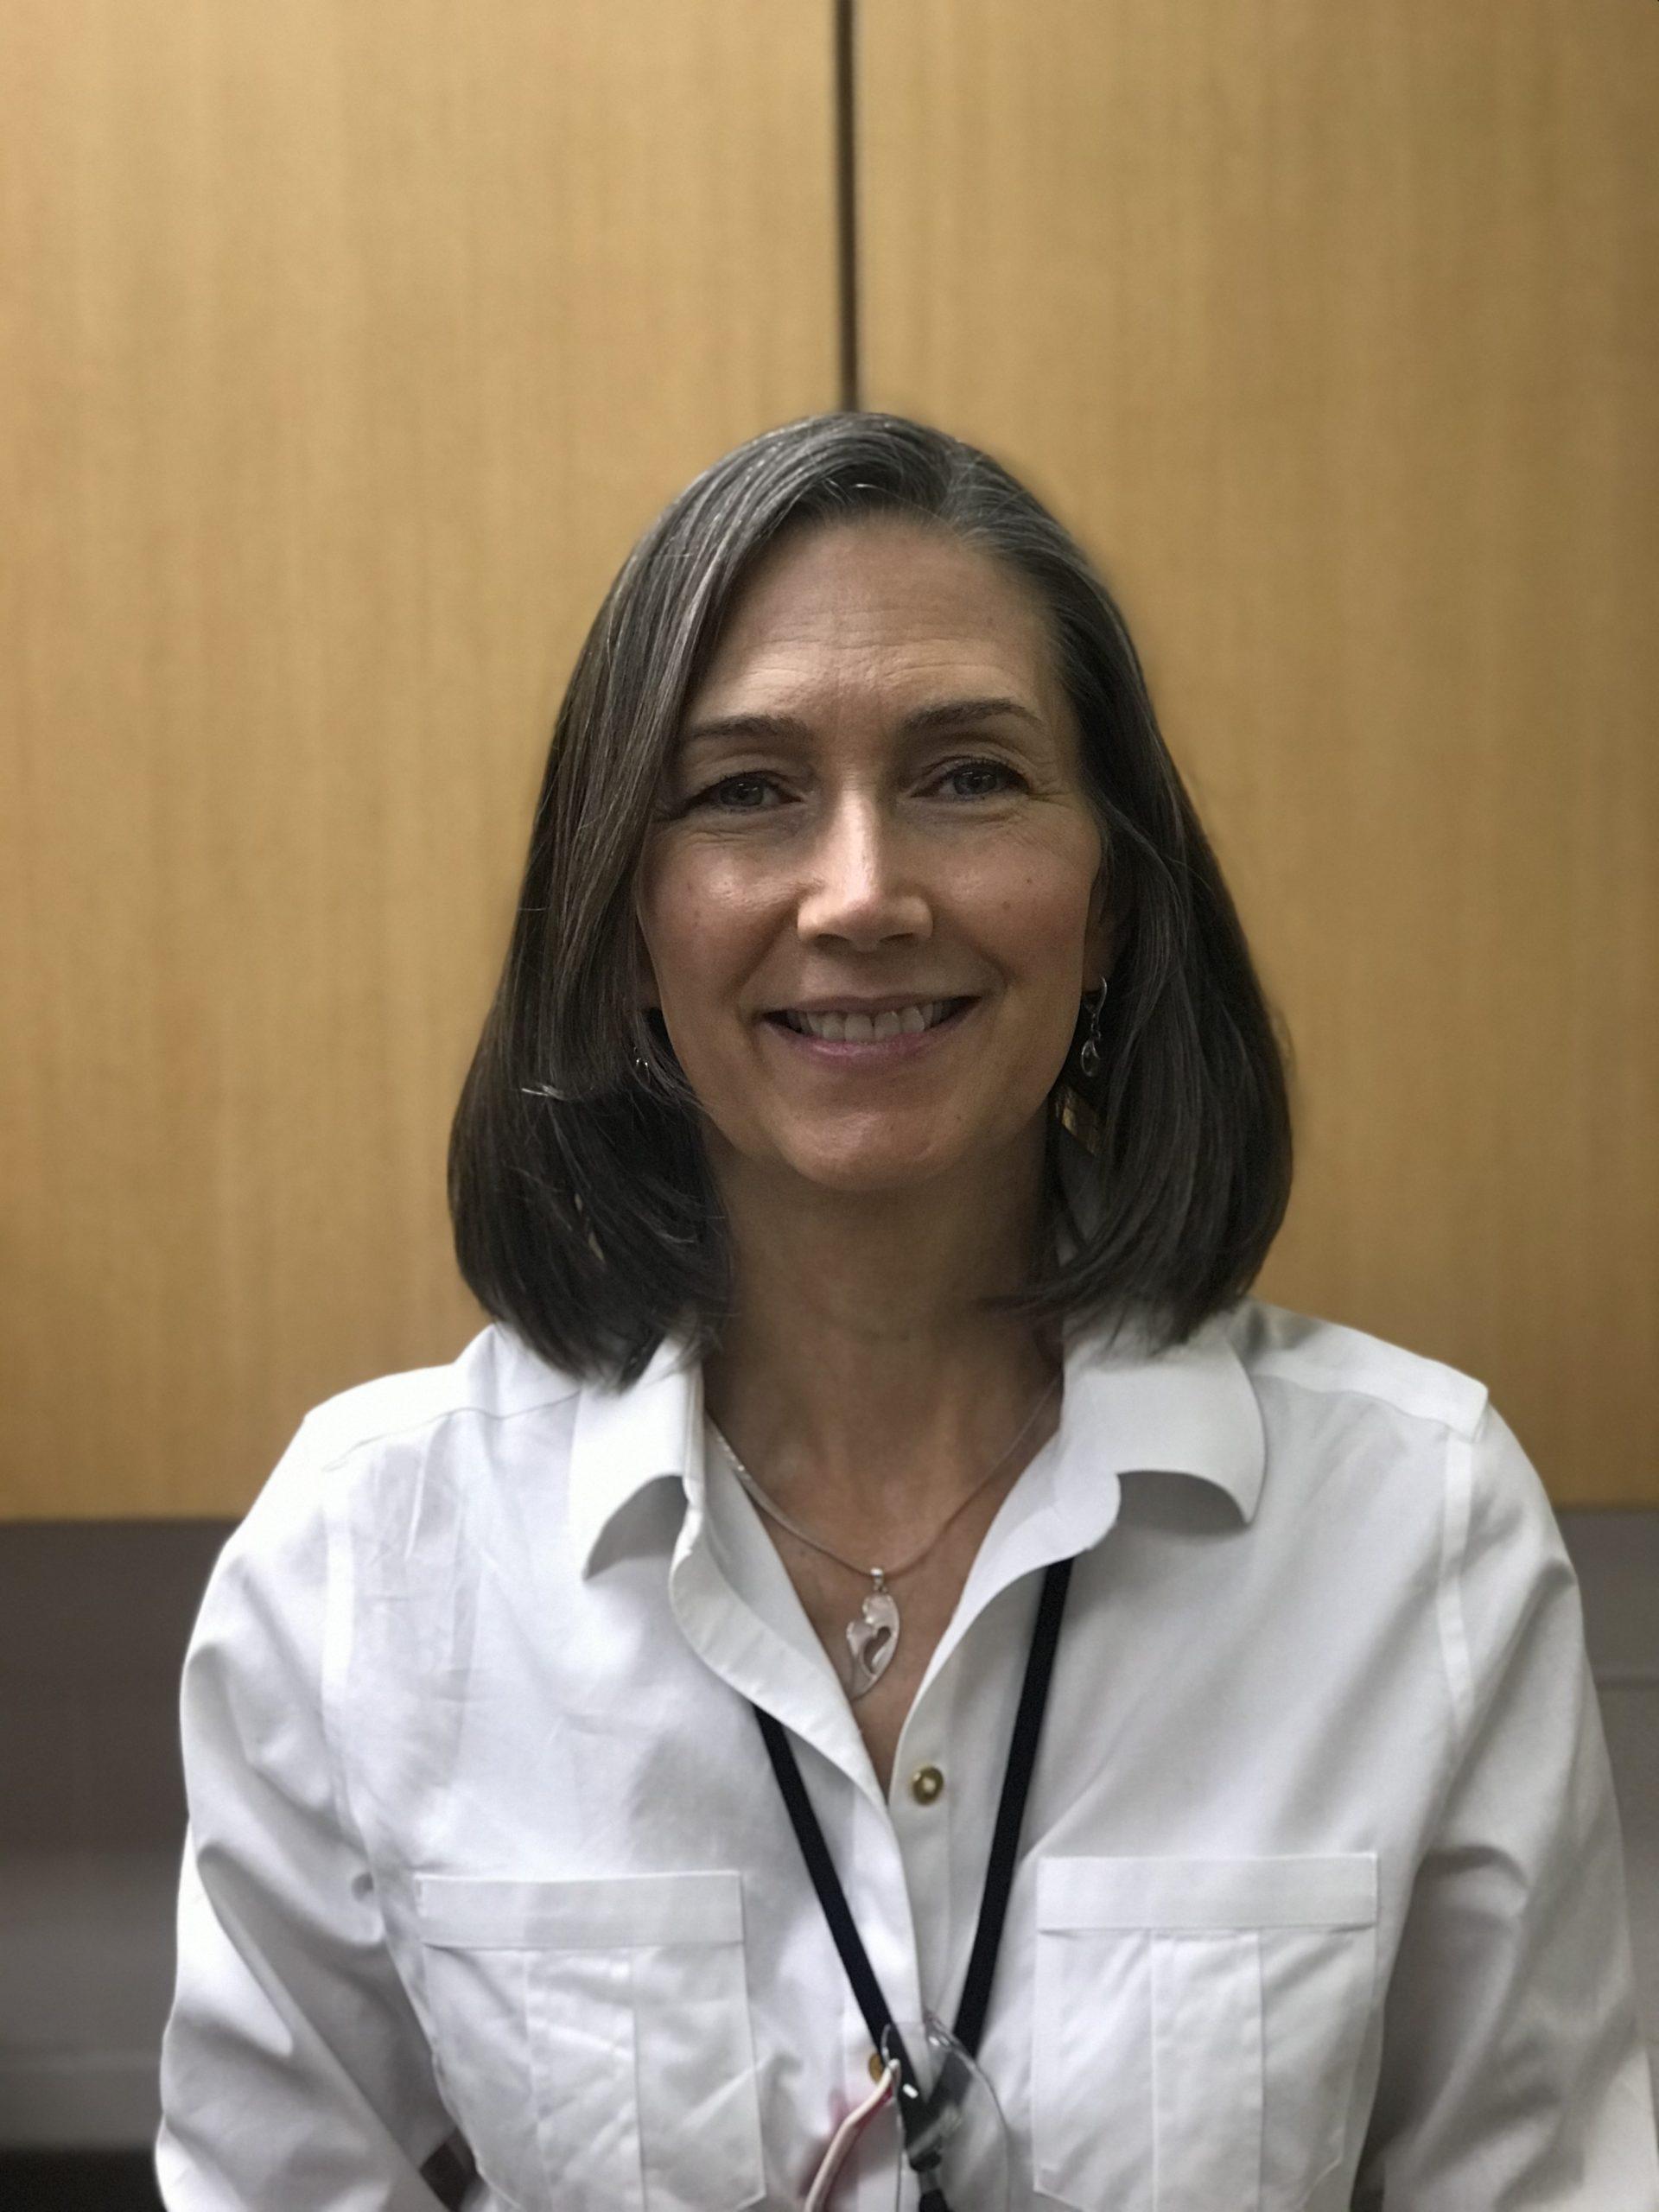 Lisa Simon : Nurse